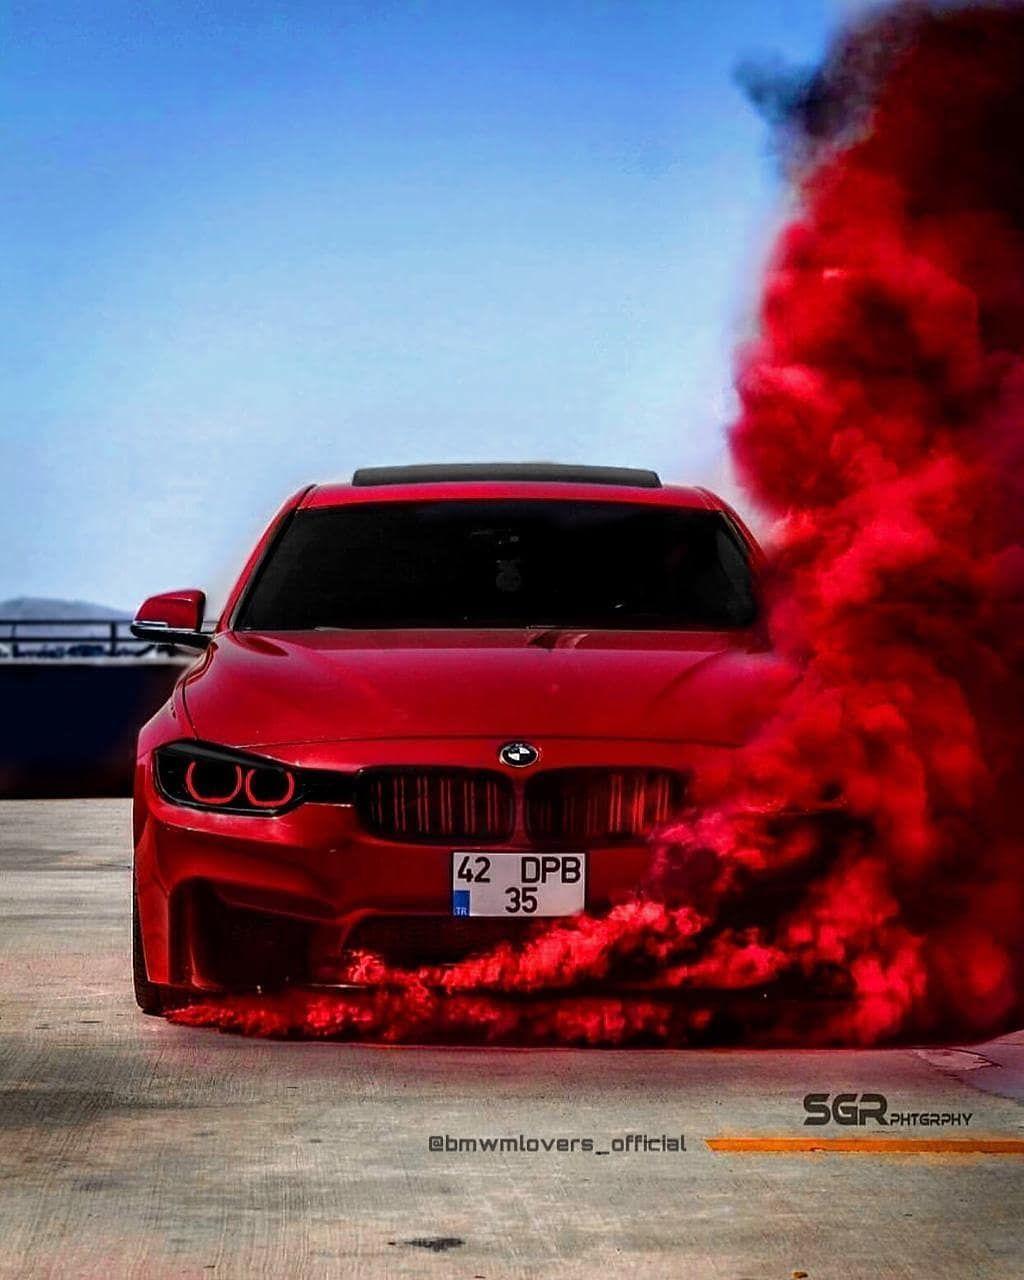 Audacieux bmw_mpoweer BMW MPOWER Série M Auto sport Voiture Voiture de luxe XV-32